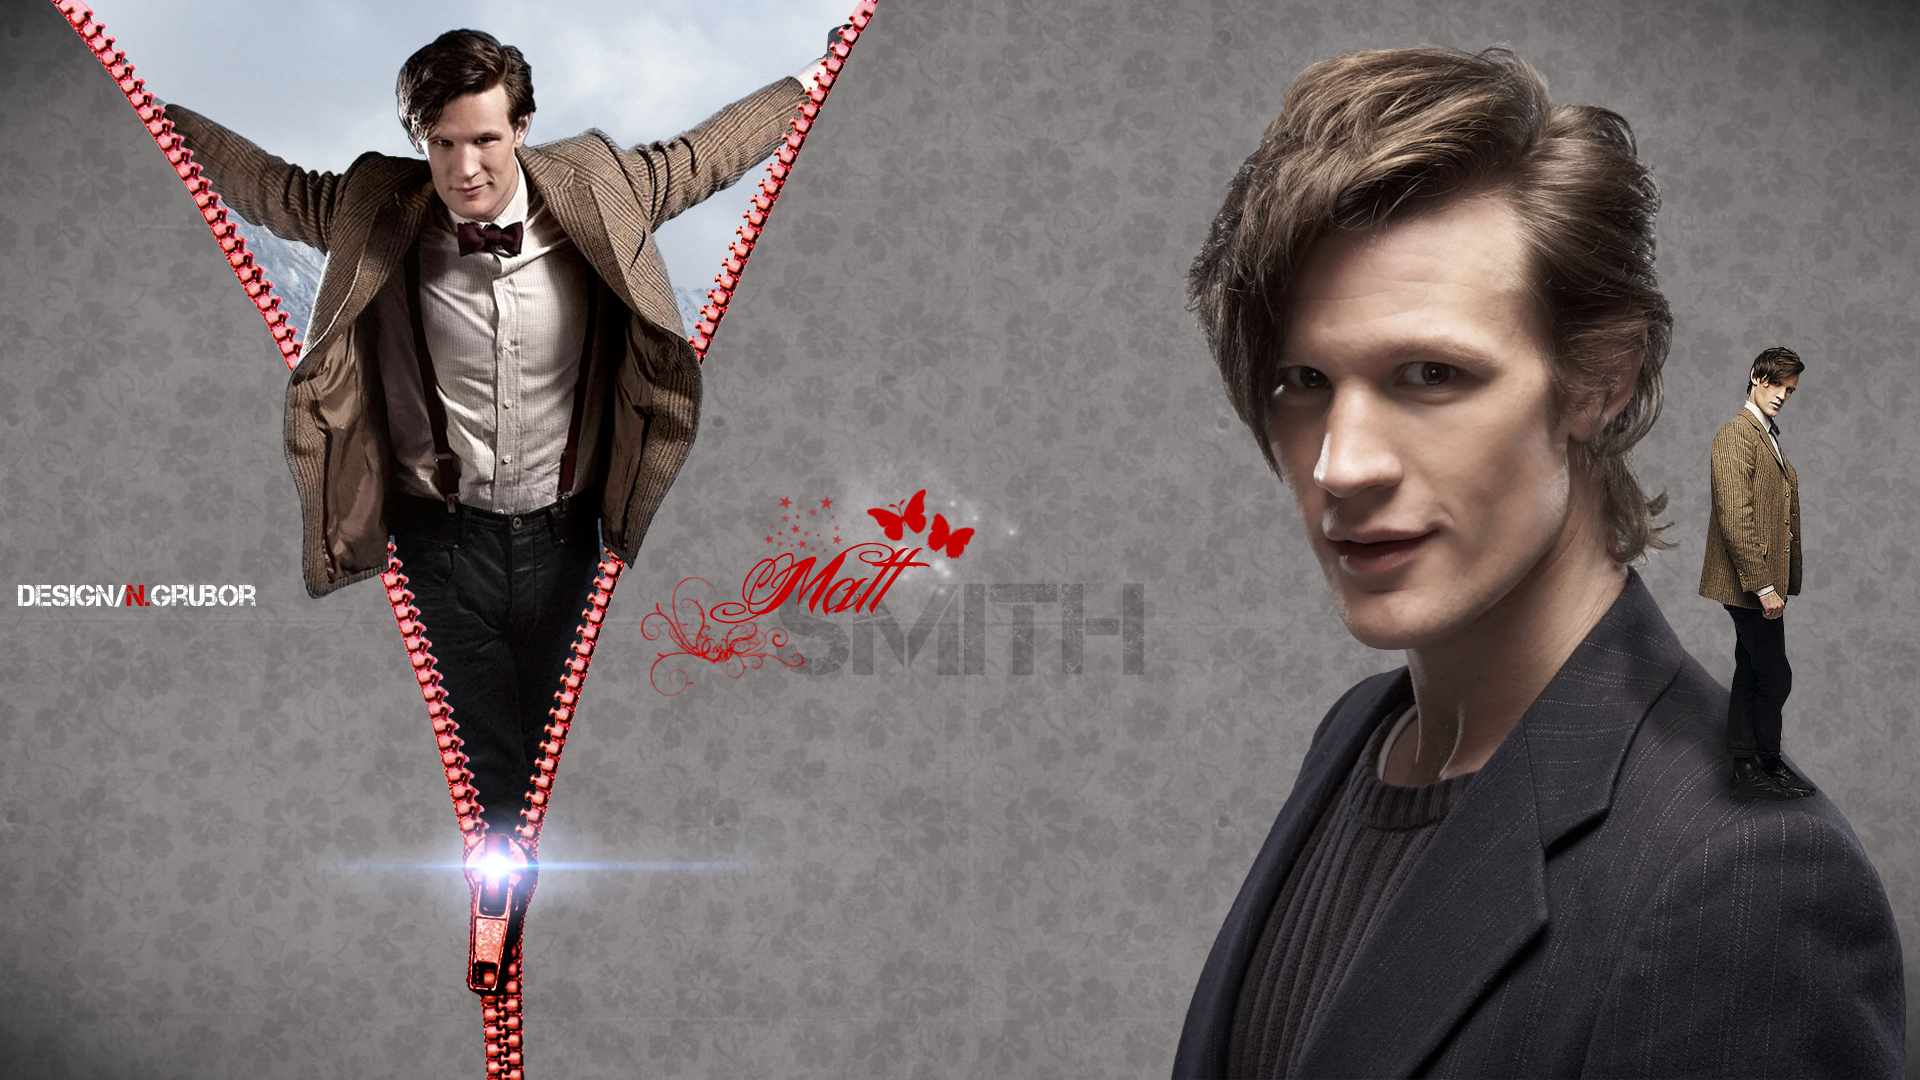 Matt Smith wallpaper by ngrubor 1920x1080